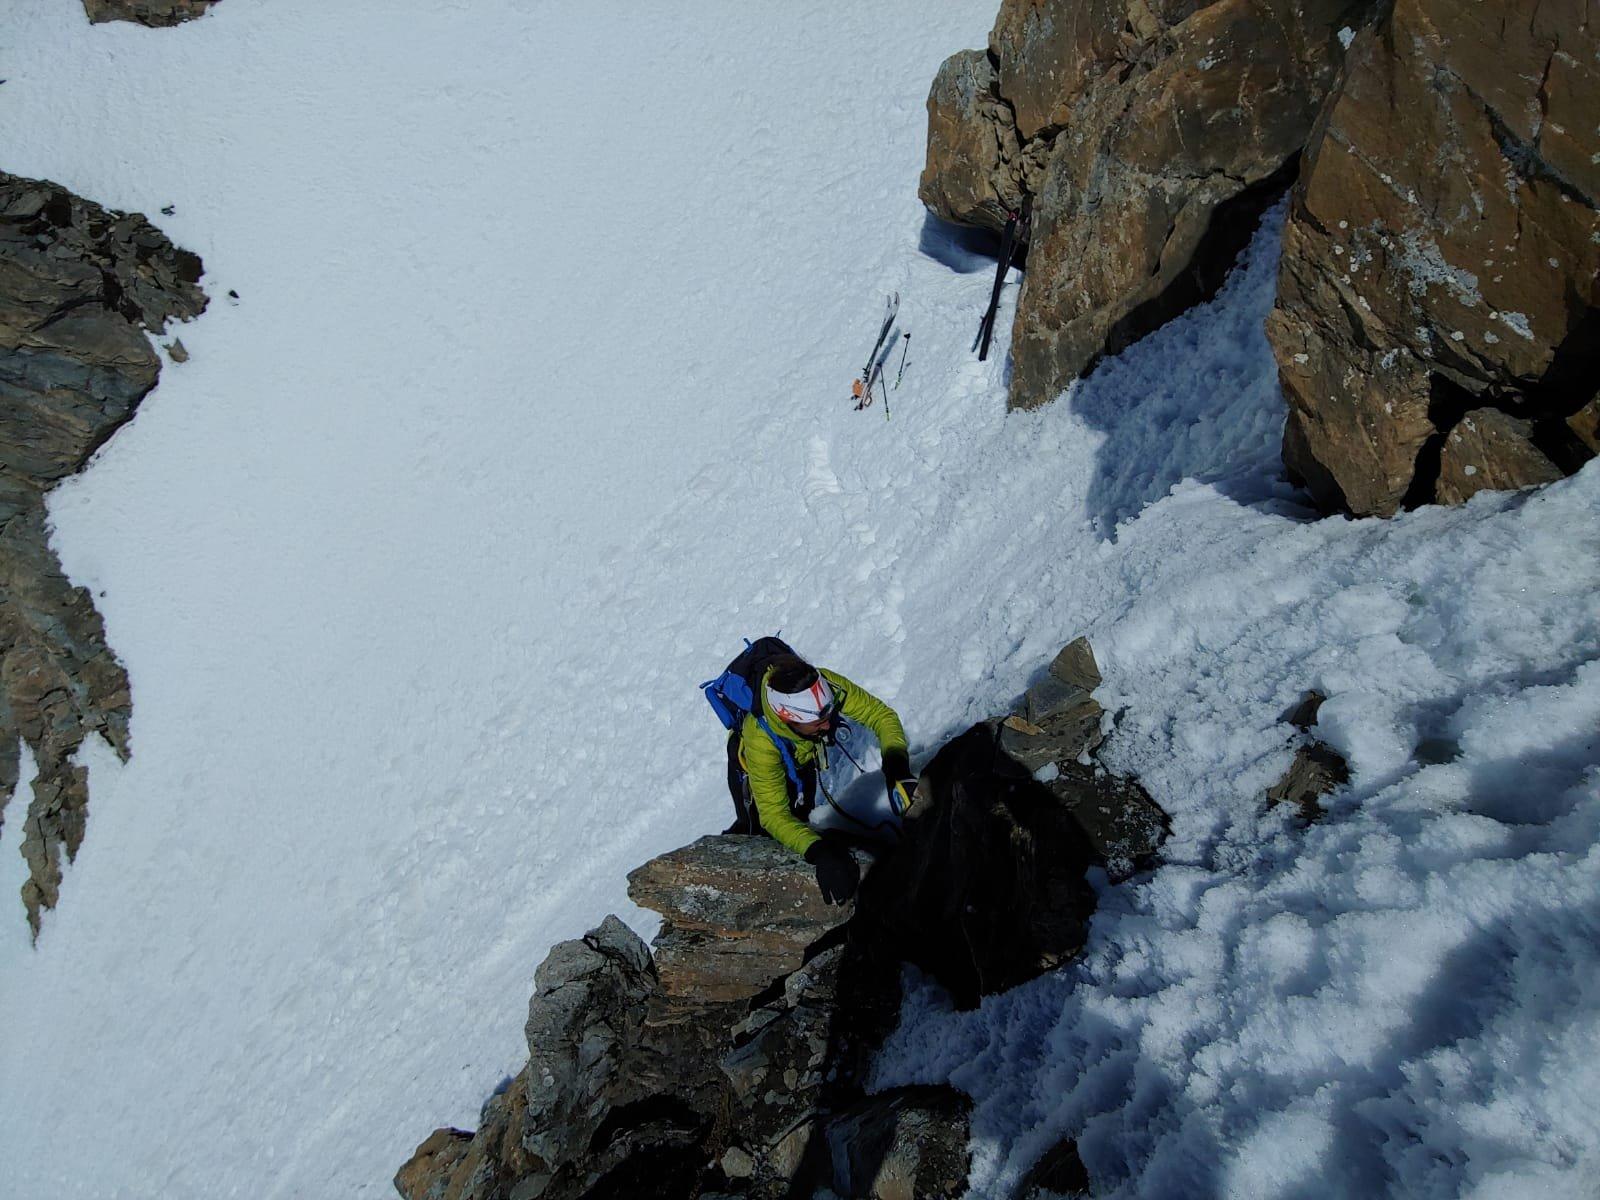 Dal deposito sci si arrampica